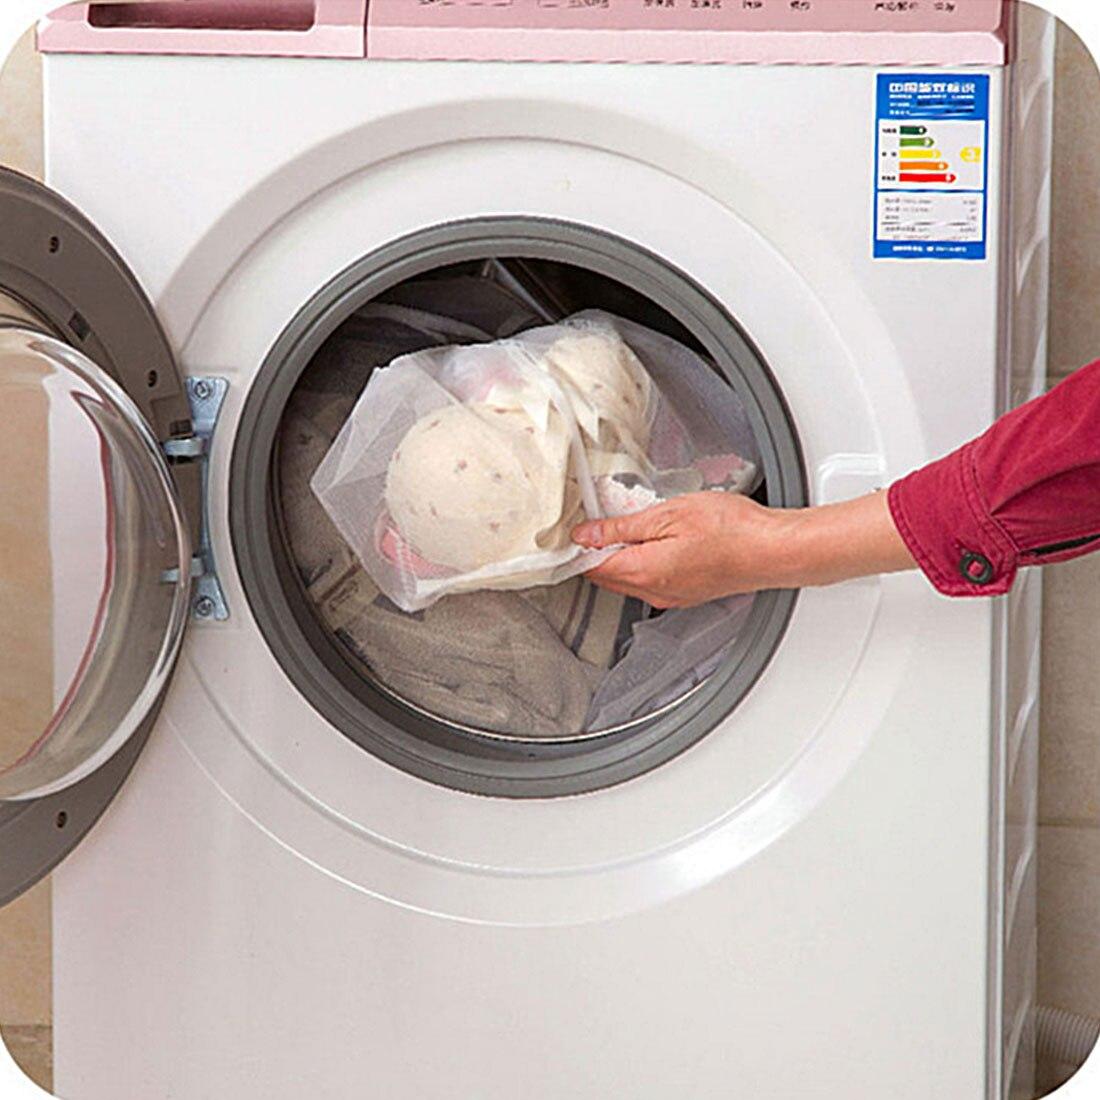 Wäsche Waschen Pflege 3 Größe Kordelzug Bh Unterwäsche Produkte Wäscherei Taschen Körbe Mesh Tasche Haushalts Reinigung Werkzeuge Zubehör